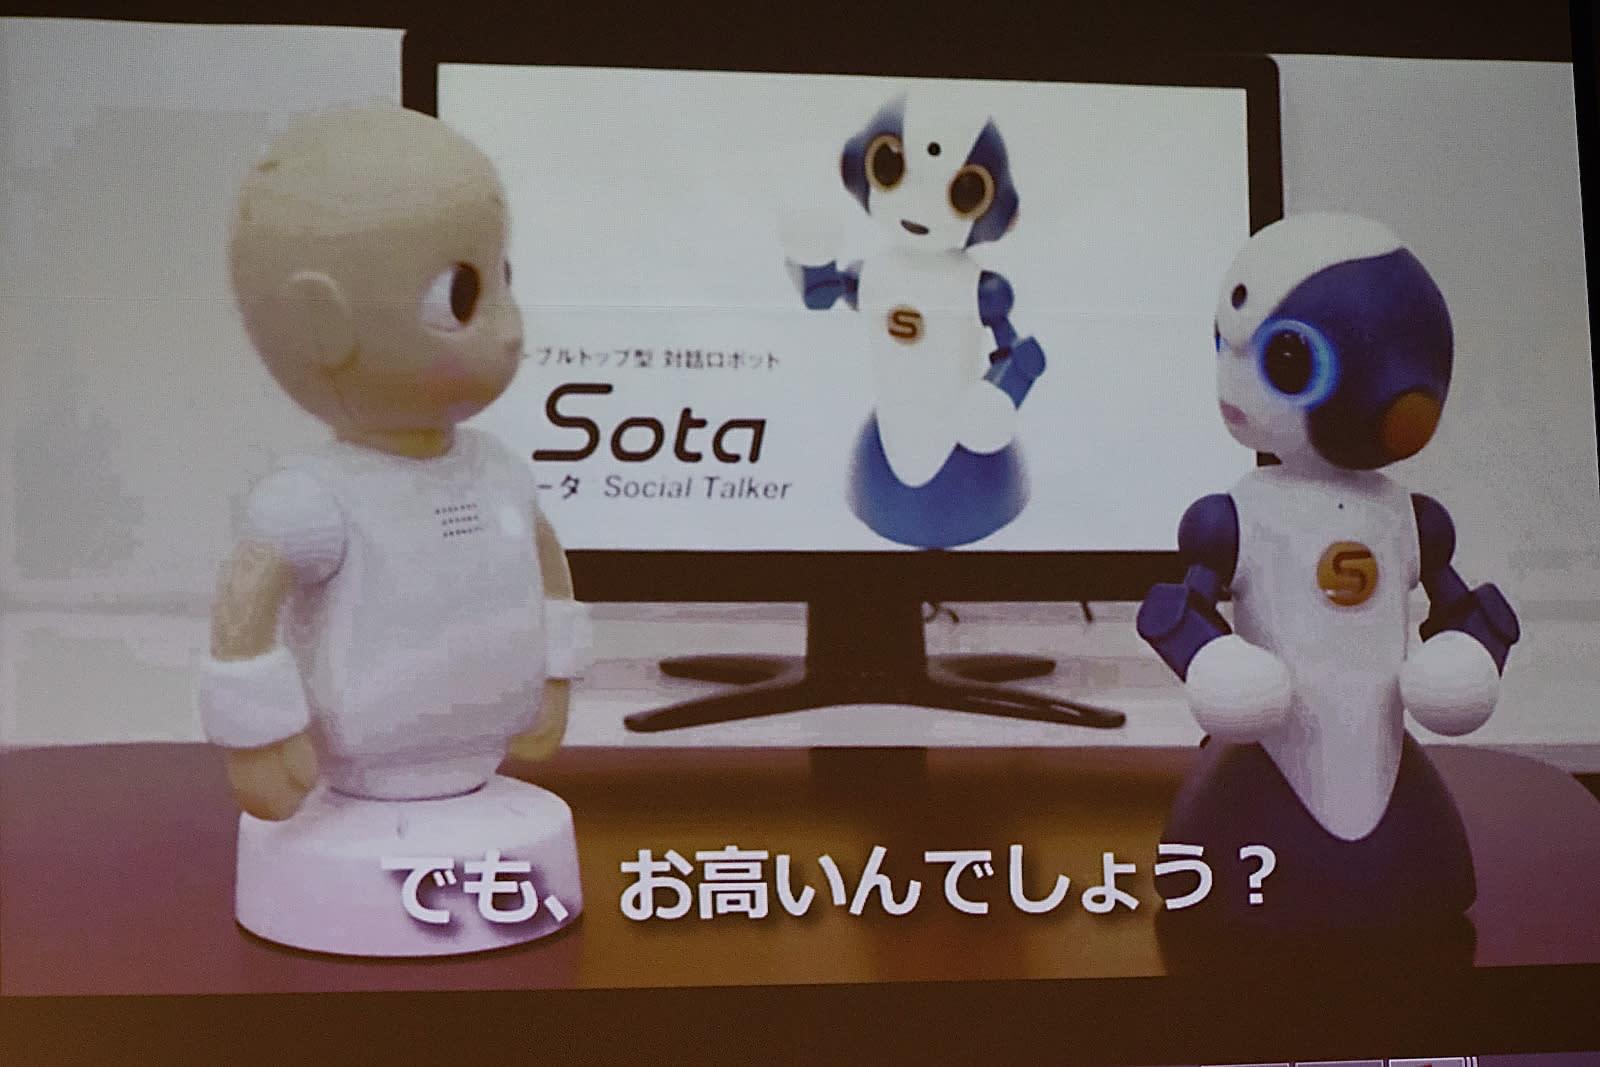 SotaとCommUがテレビショッピングをする様子